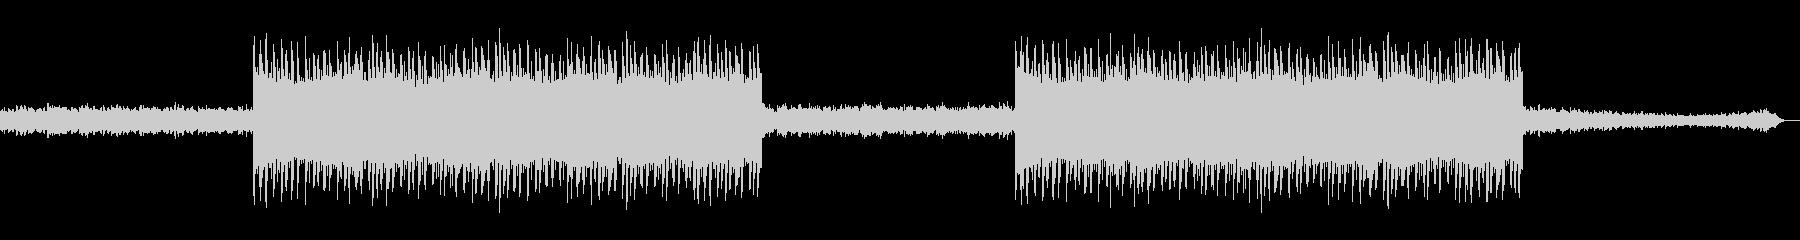 感動的なアコースティックギターBGMの未再生の波形